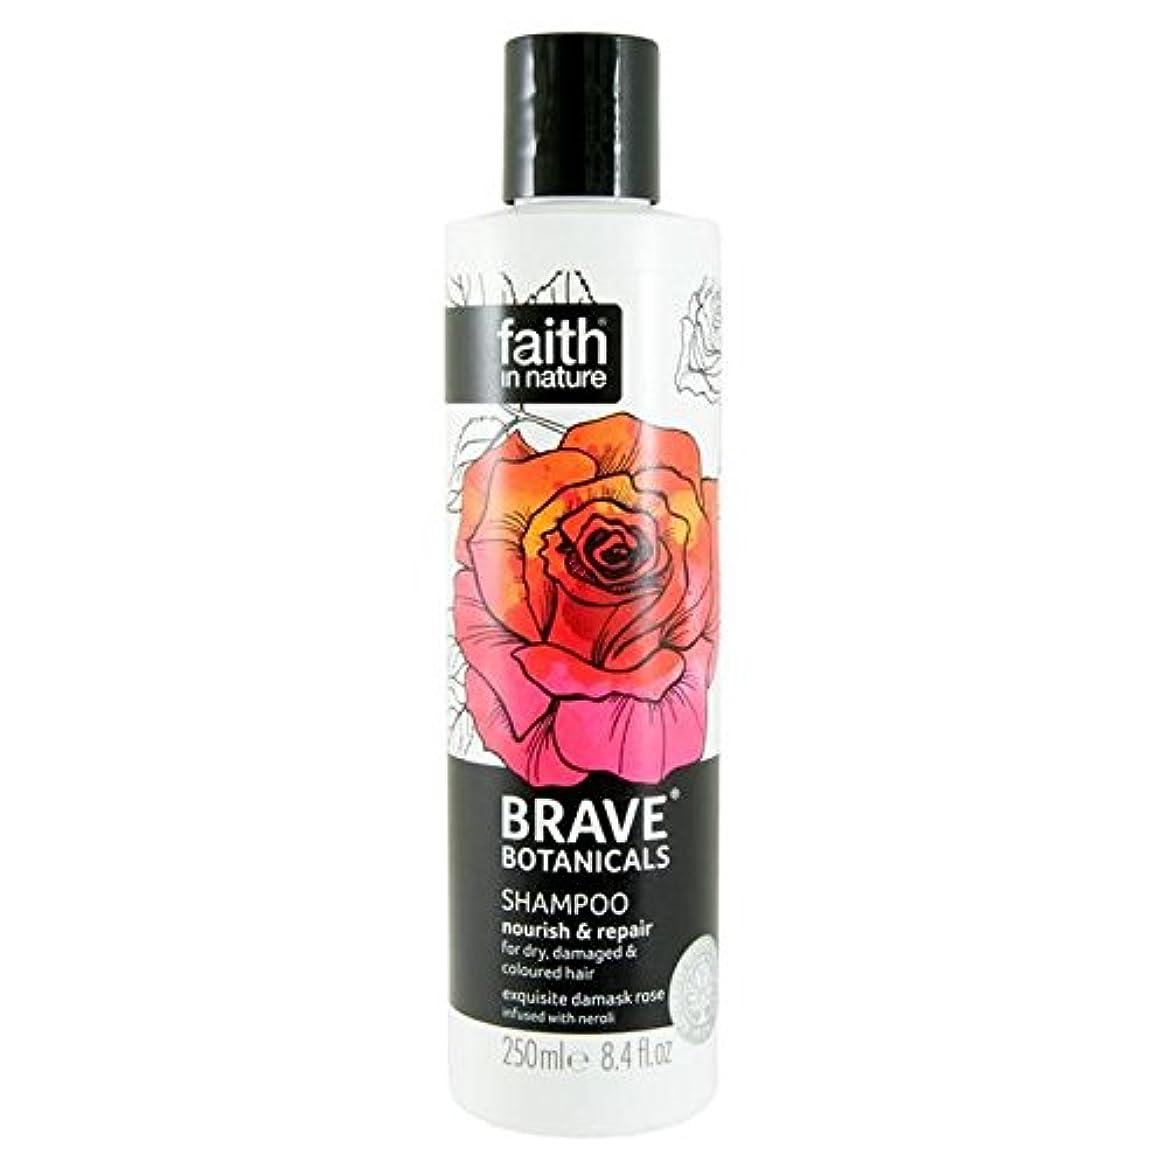 大型トラック叙情的なボランティアBrave Botanicals Rose & Neroli Nourish & Repair Shampoo 250ml (Pack of 2) - (Faith In Nature) 勇敢な植物は、ローズ&ネロリは養う&リペアシャンプー250Ml (x2) [並行輸入品]